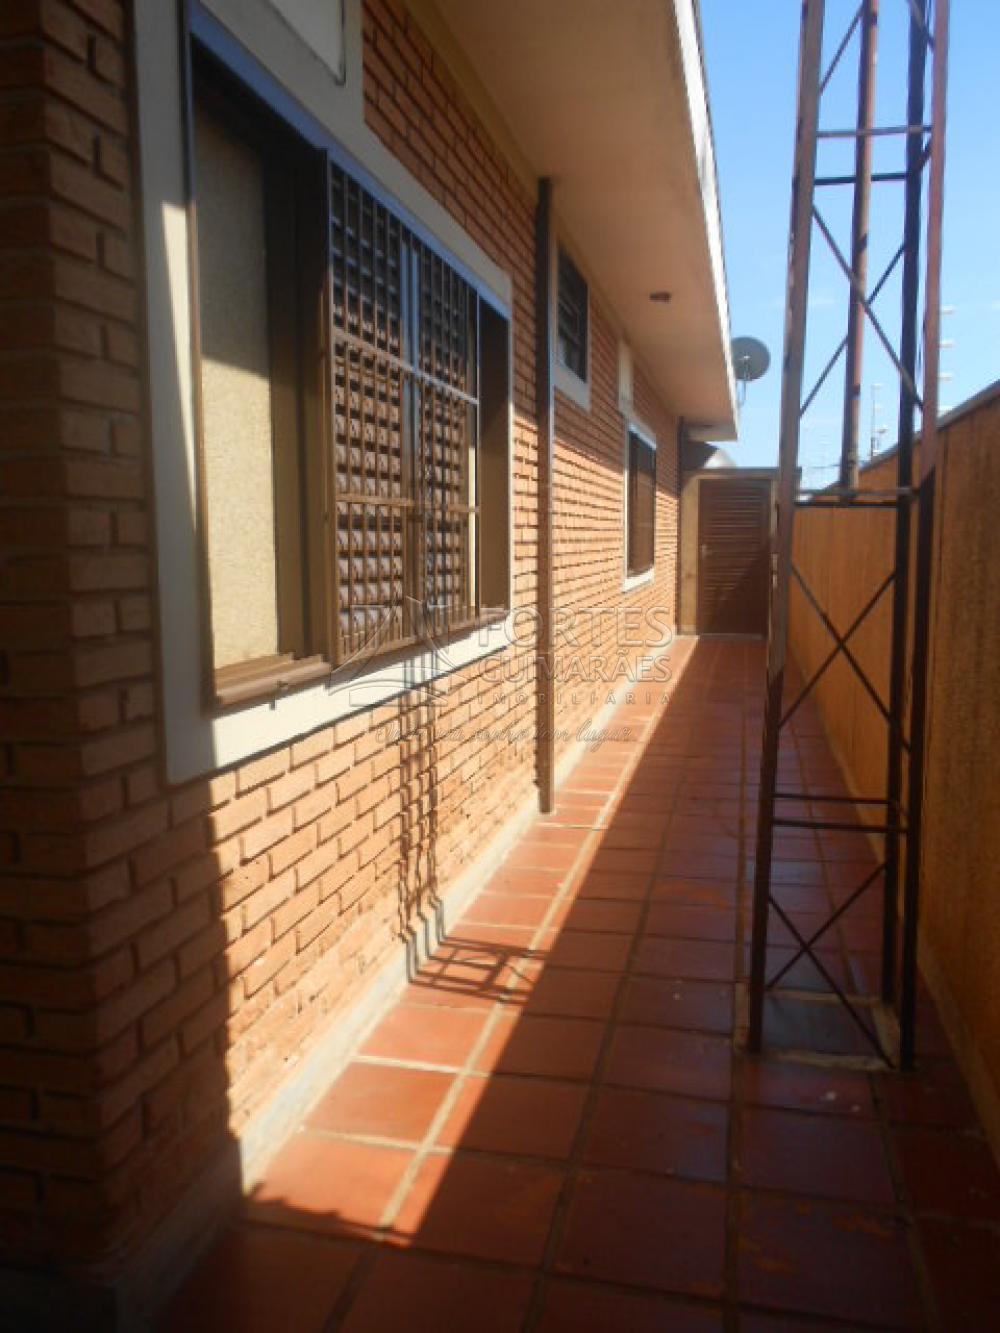 Alugar Casas / Padrão em Ribeirão Preto apenas R$ 2.500,00 - Foto 82